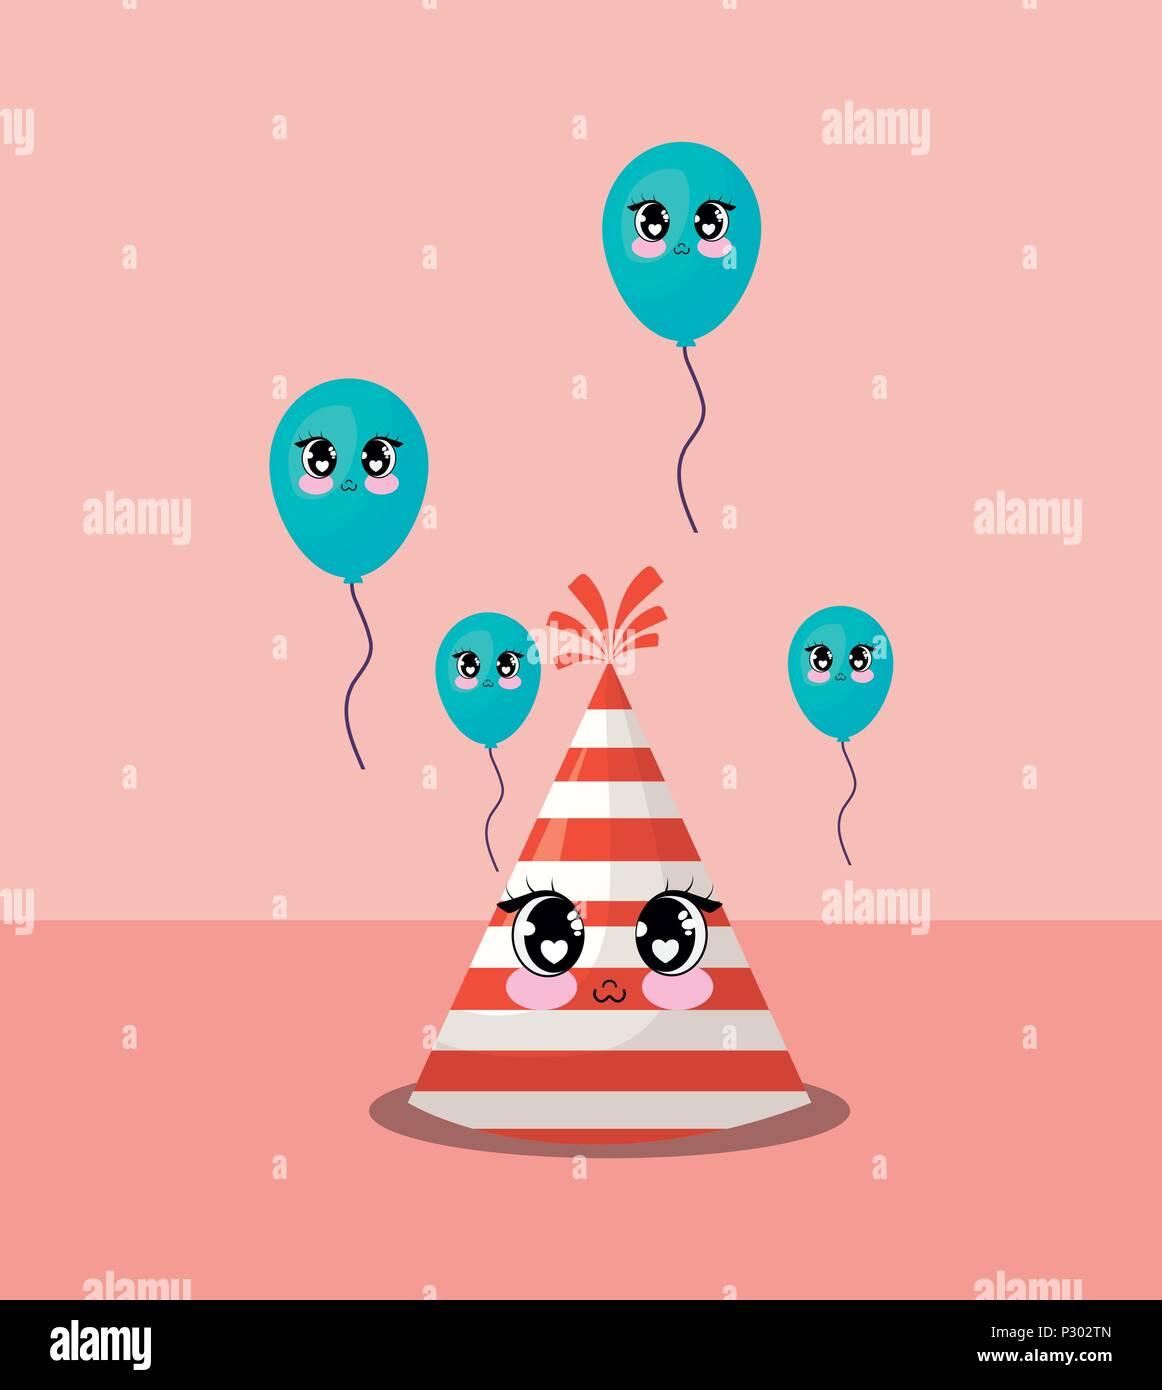 Diseño de carnaval con kawaii gorro de fiesta y globos sobre fondo de color  rosa d0ea7f67a88